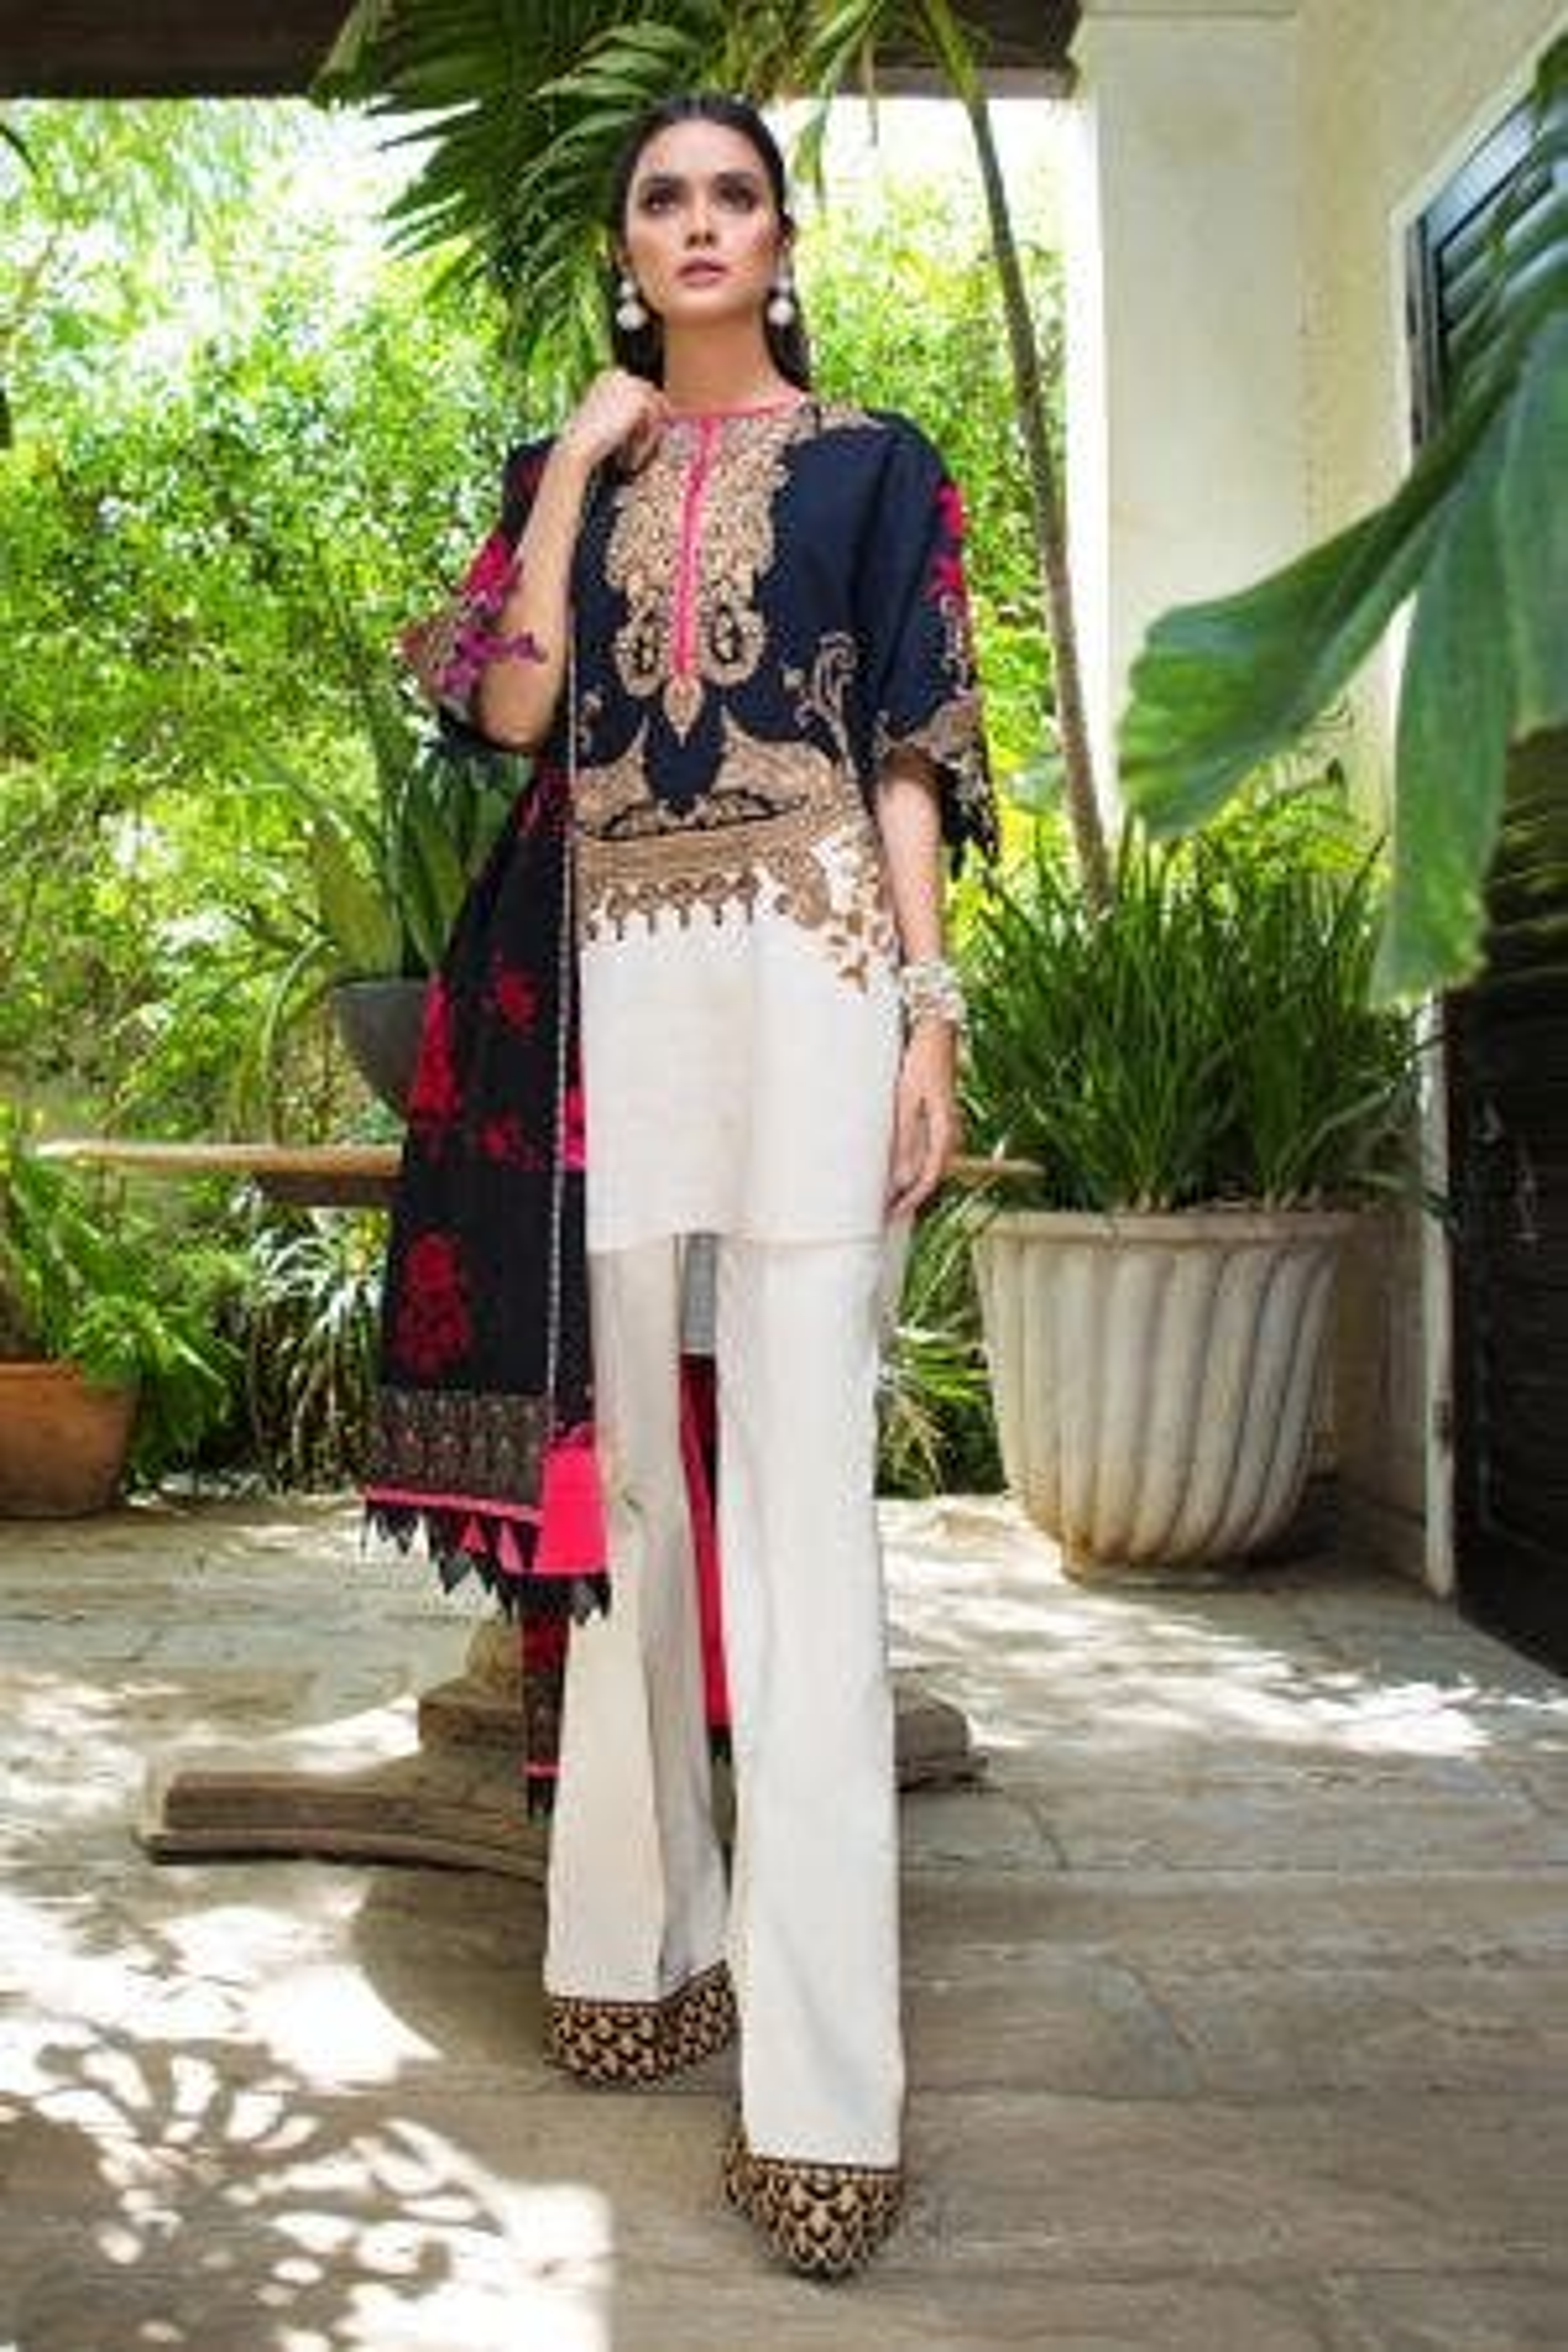 Sana Safinaz Online Design # 009A